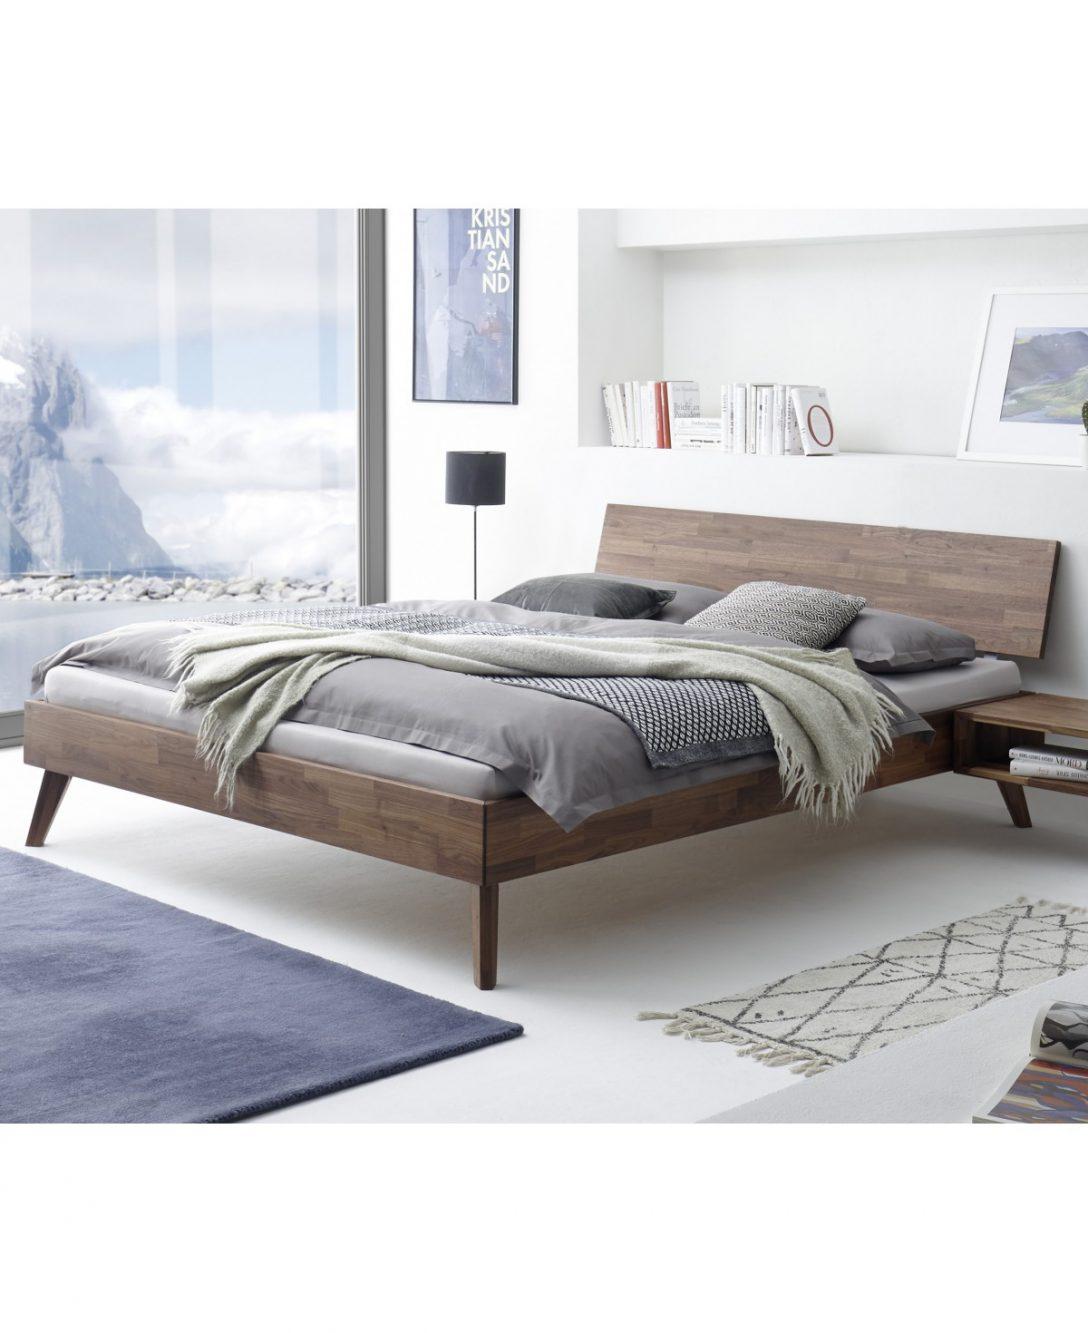 Large Size of Hasena Fine Line Bett Ancona Nussbaum Massiv 160x200 Betten Günstig Kaufen 180x200 140x200 Nolte Günstige Flexa Mit Schubladen Luxus Lattenrost 200x200 Bett Betten 160x200